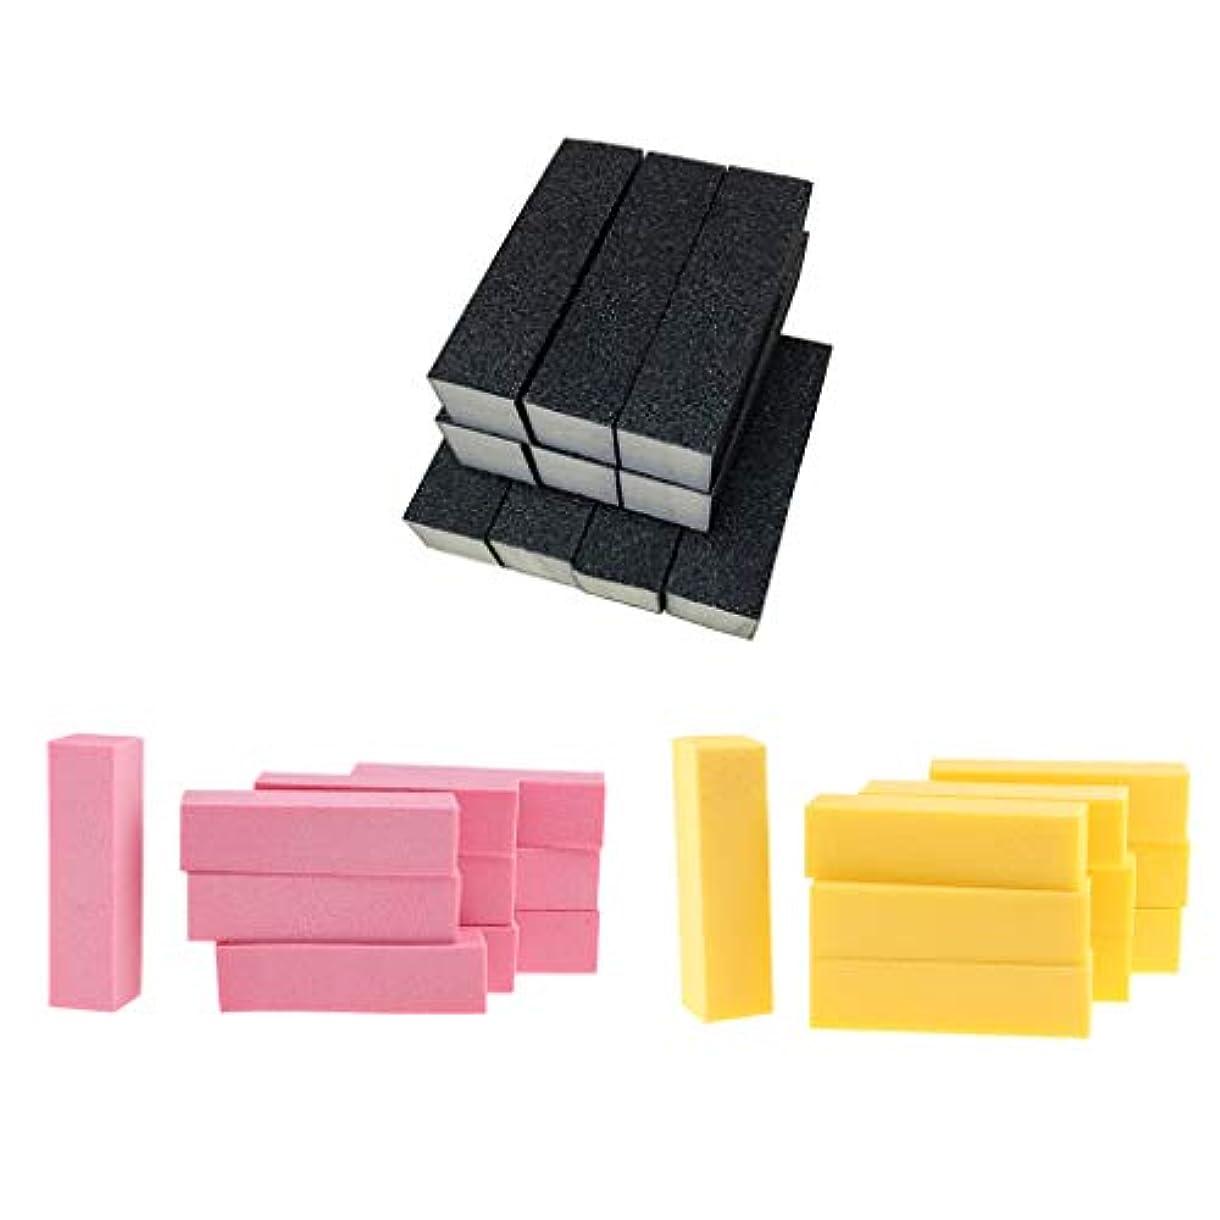 代数的くるみ先Toygogo ネイルファイル スポンジ 爪やすり ネイルケア ネイルファイルブロック ネイルサロン 家庭用 約30個入り